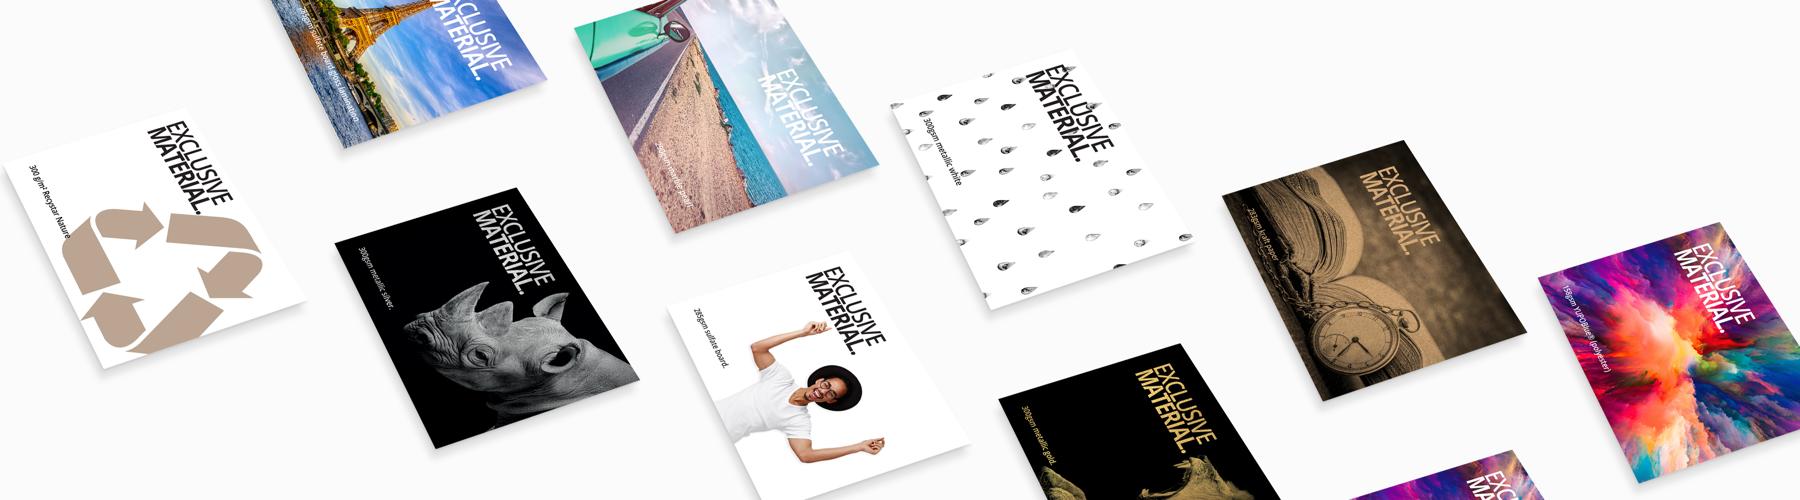 Choisir le matériau pour flyers qui fera ressortir votre design